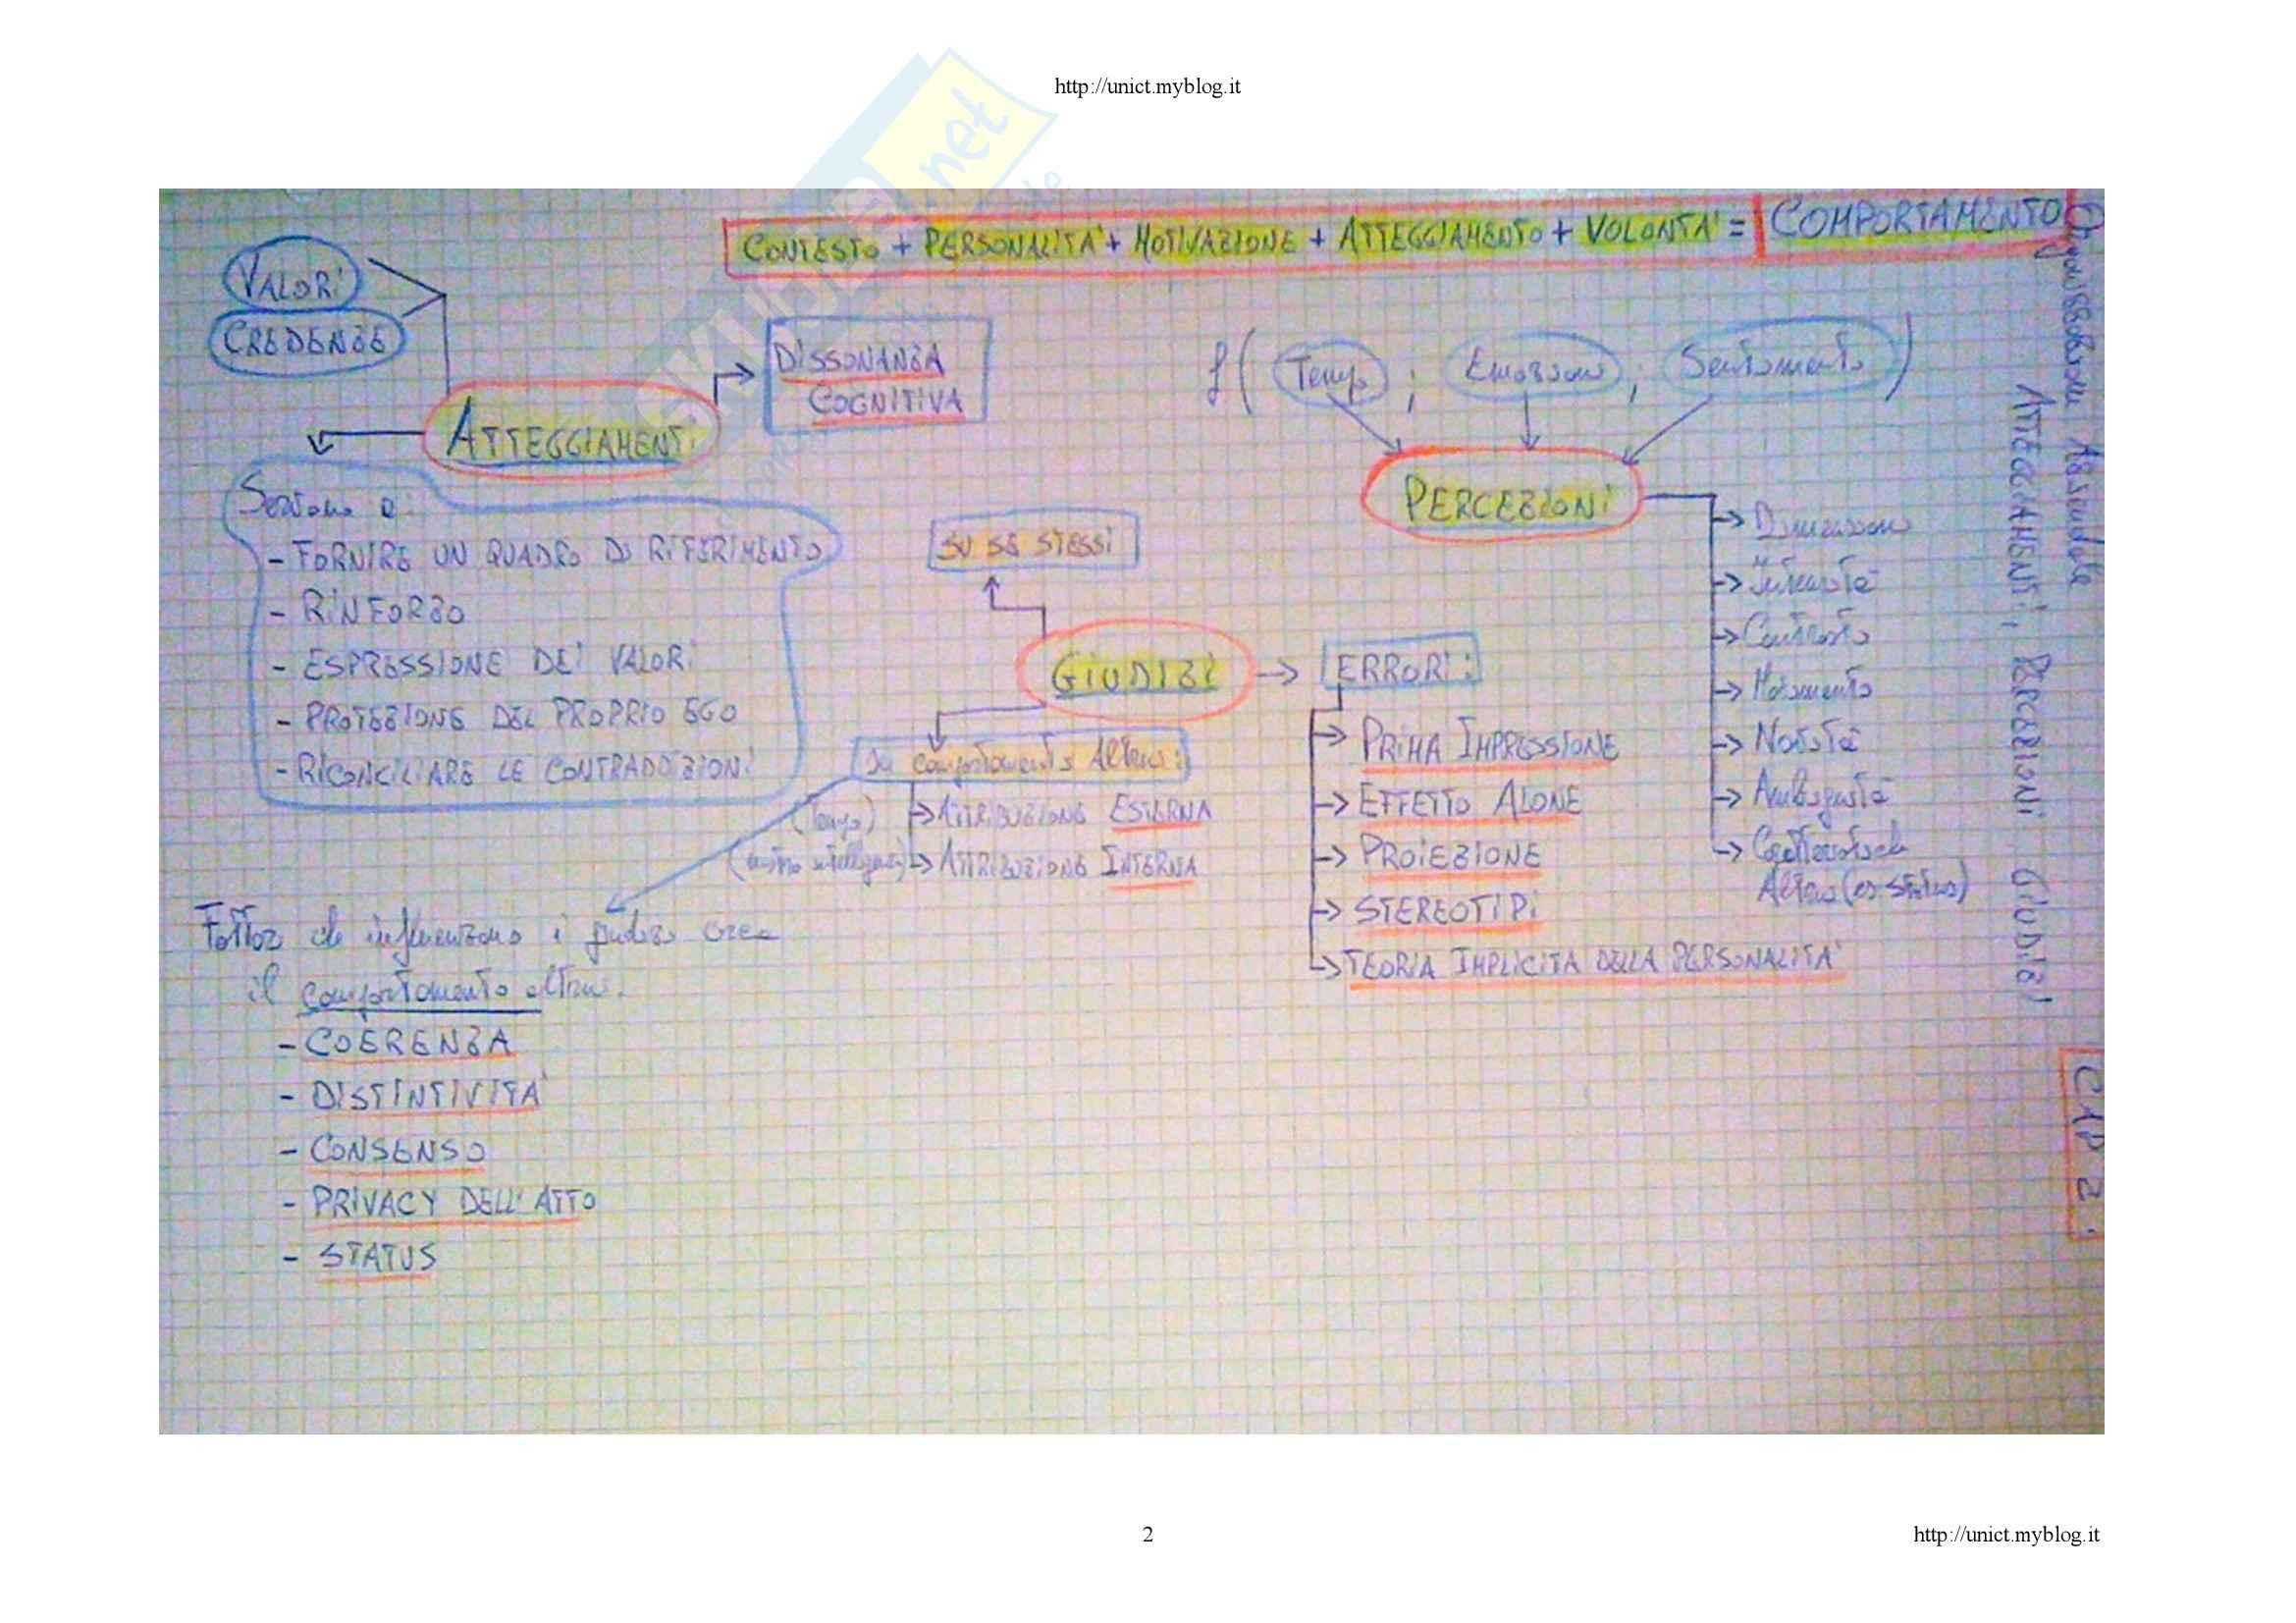 Comportamento organizzativo - le mappe mentali Pag. 2